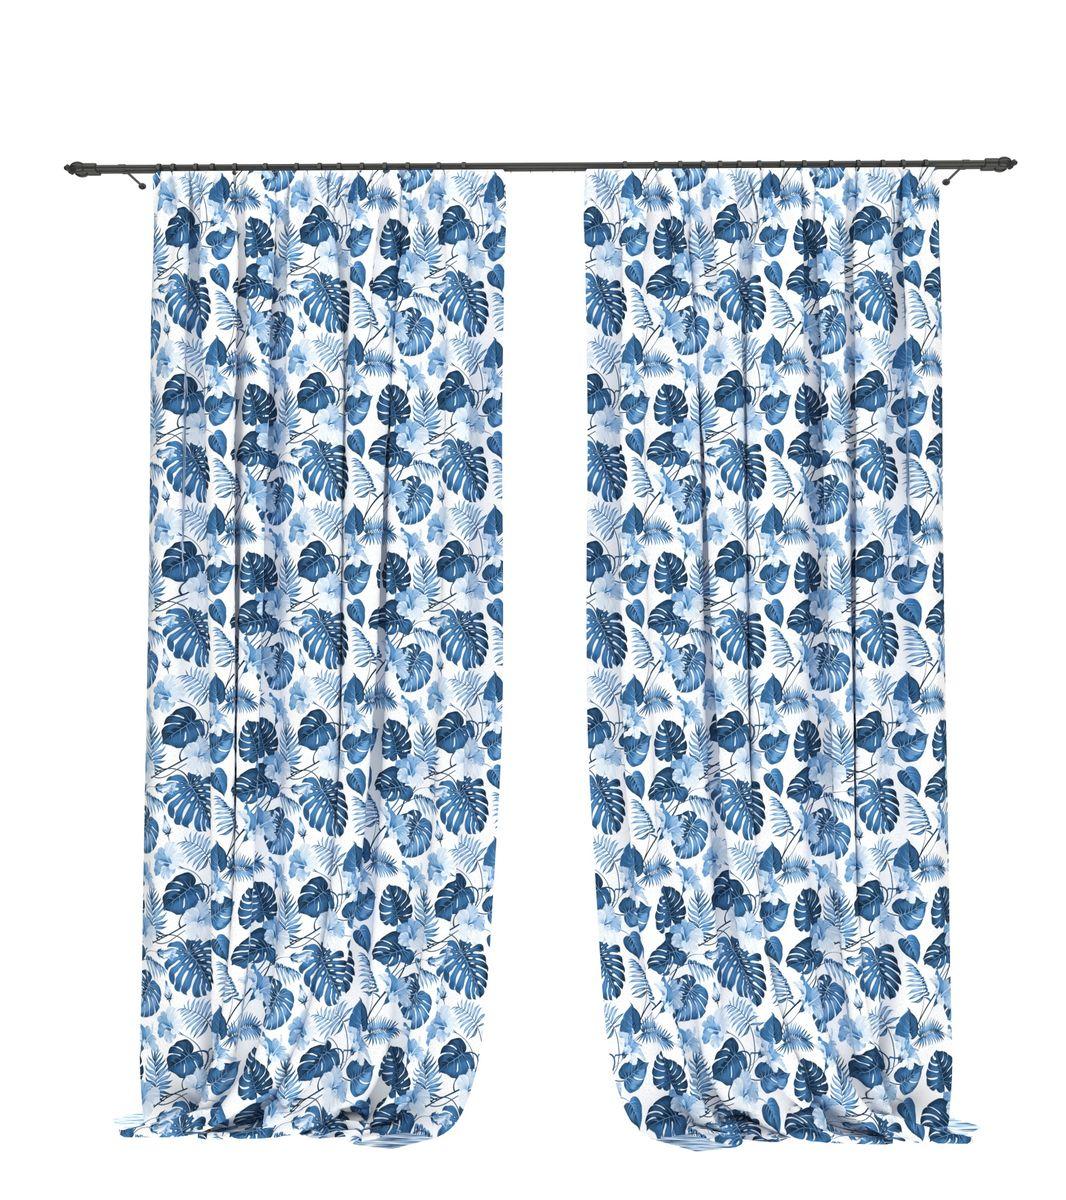 Комплект фотоштор Bellino Home Гиоцинтовая монстера, высота 260 см. 05515-ФШ-ГБ-00105515-ФШ-ГБ-001Комплект фотоштор BELLINO HOME, коллекция Тропики. Рожденный вдоль экватора тропический стиль смешивает множество культур и традиций в единое целое. Эта коллекция подобно котлу, в котором варятся туземные материалы, элегантная простота, экзотические мотивы и море солнечного света. Будто бы вечные каникулы: здесь замедляется время и замирает суета мегаполиса. Богатое разнообразие флоры и фауны способно преобразить атмосферу любого интерьера. Крепление на карниз при помощи шторной ленты на крючки. В комплекте: Портьера: 2 шт. Размер (ШхВ): 145 см х 260 см. Рекомендации по уходу: стирка при 30 градусах гладить при температуре до 150 градусов Изображение на мониторе может немного отличаться от реального.